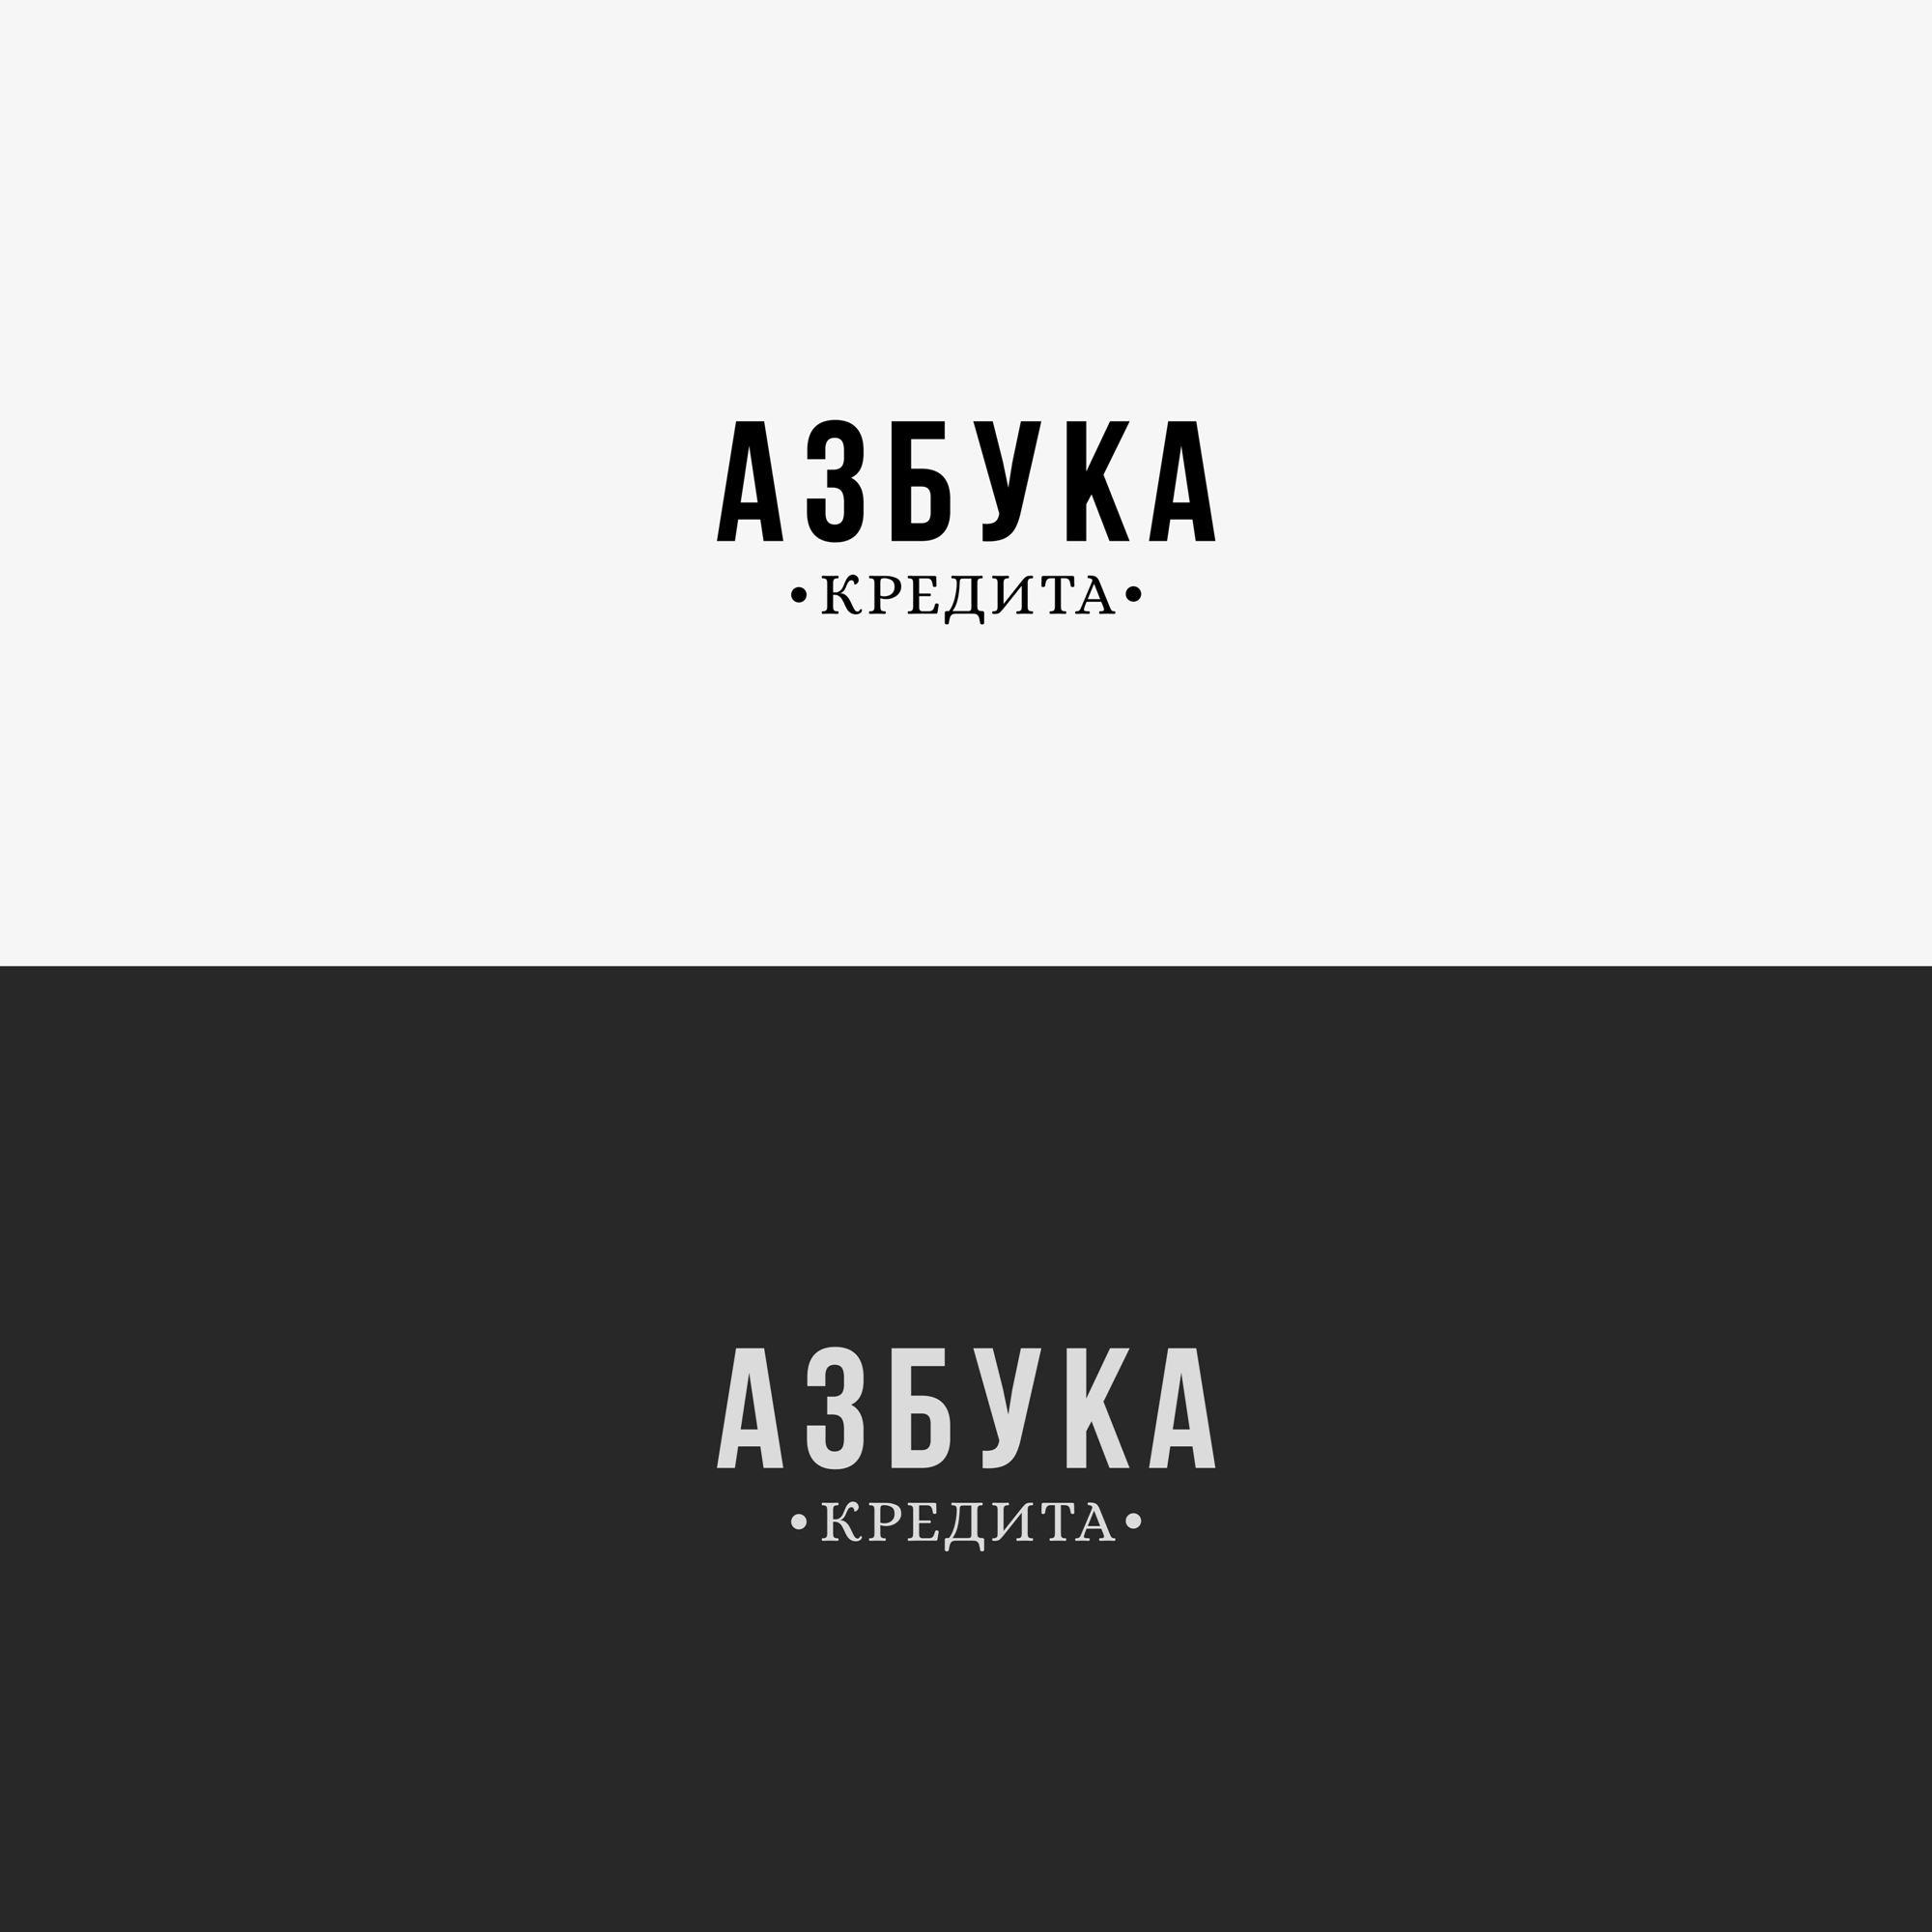 Разработать логотип для финансовой компании фото f_9035de8376e4827f.jpg